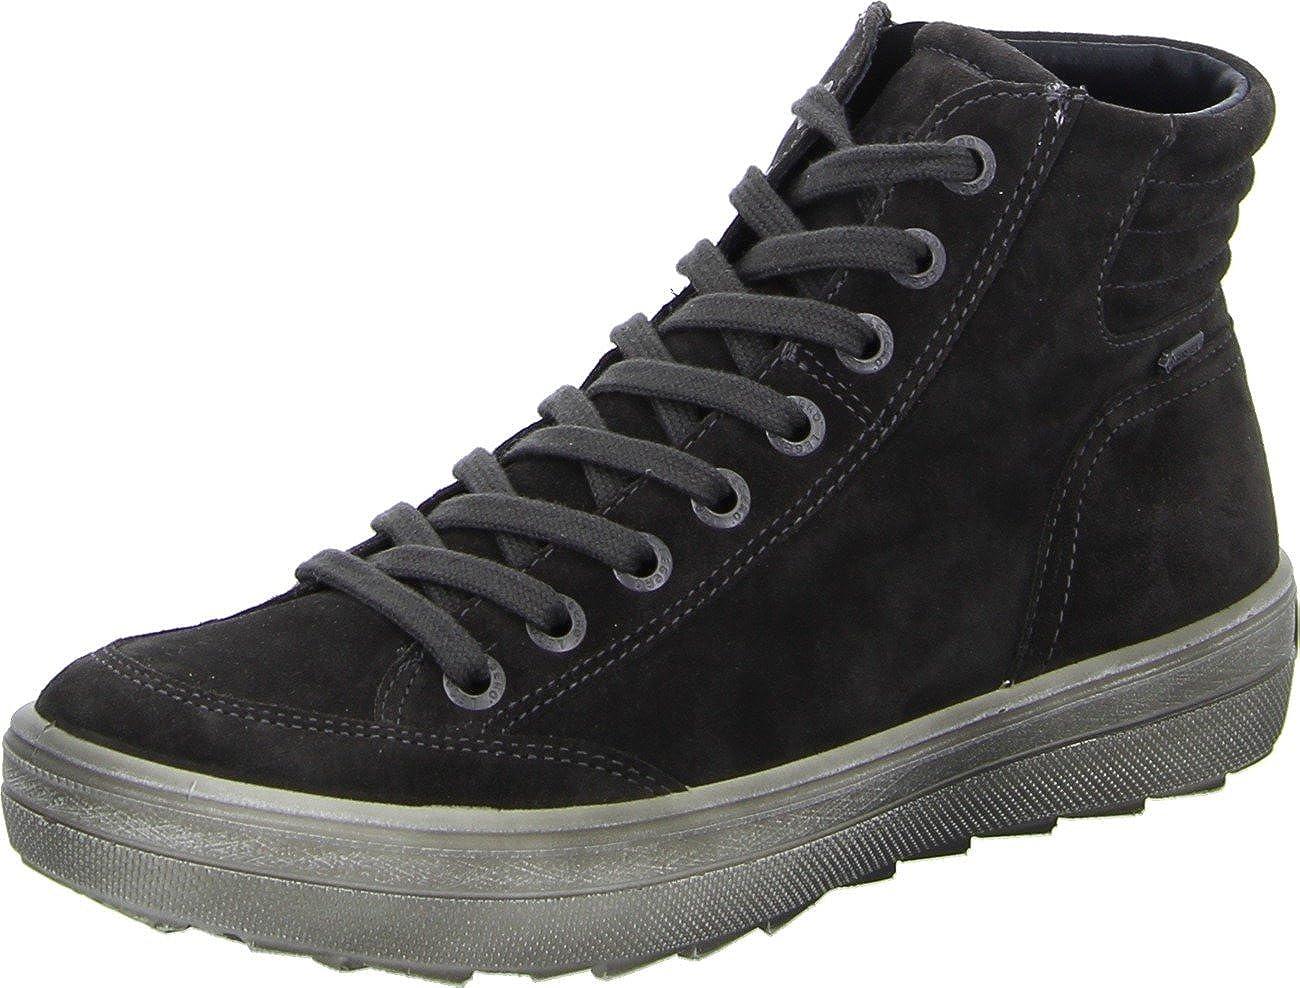 Legero Mira, Baskets Hautes Femme Sneakers Basses Femme - Gris - Stone 37.5 EU LEGERO Schuhfabrik GMBH 7-00630-98